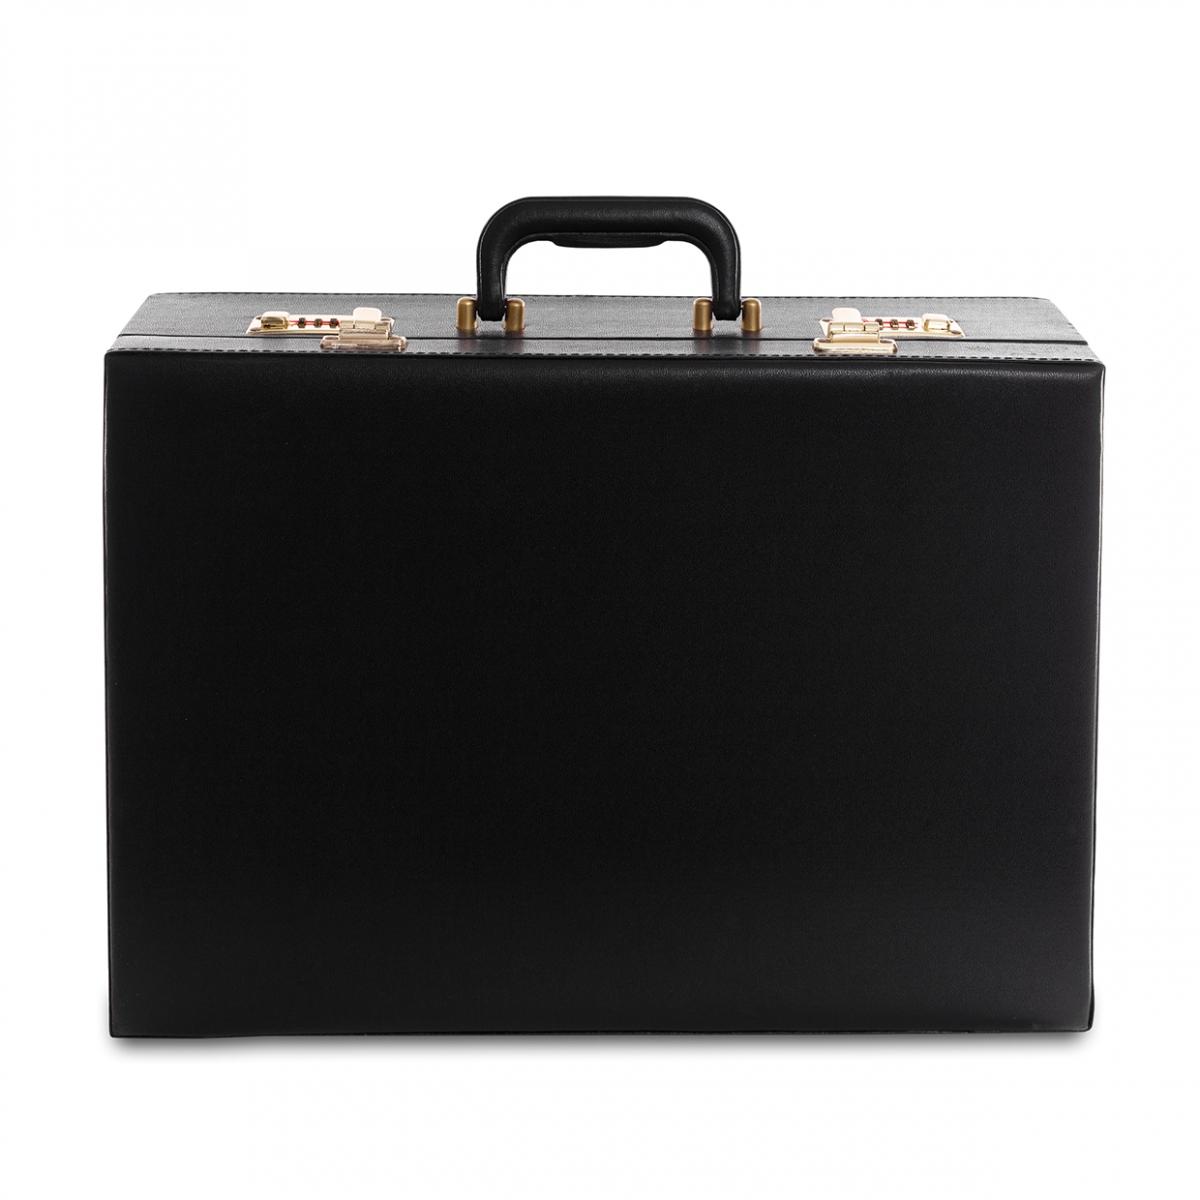 Imagen en la que se ve un maletín